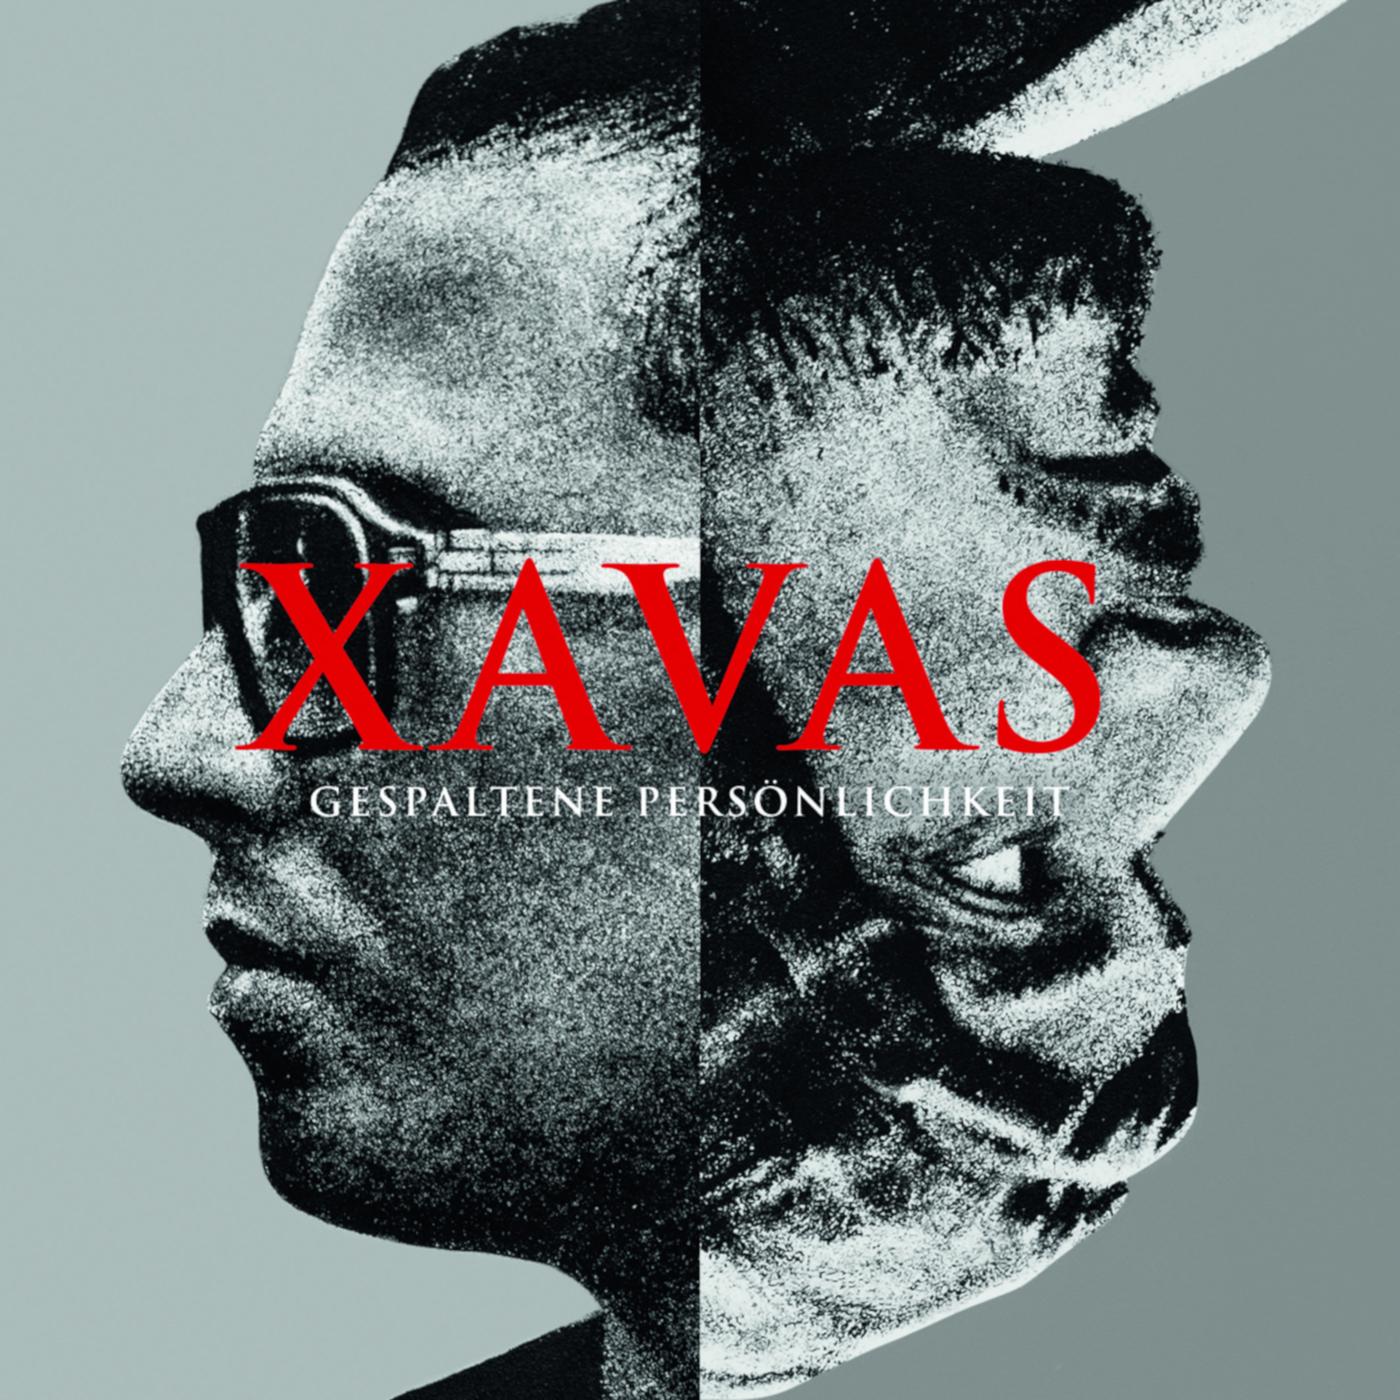 Gespaltene Persönlichkeit - XAVAS